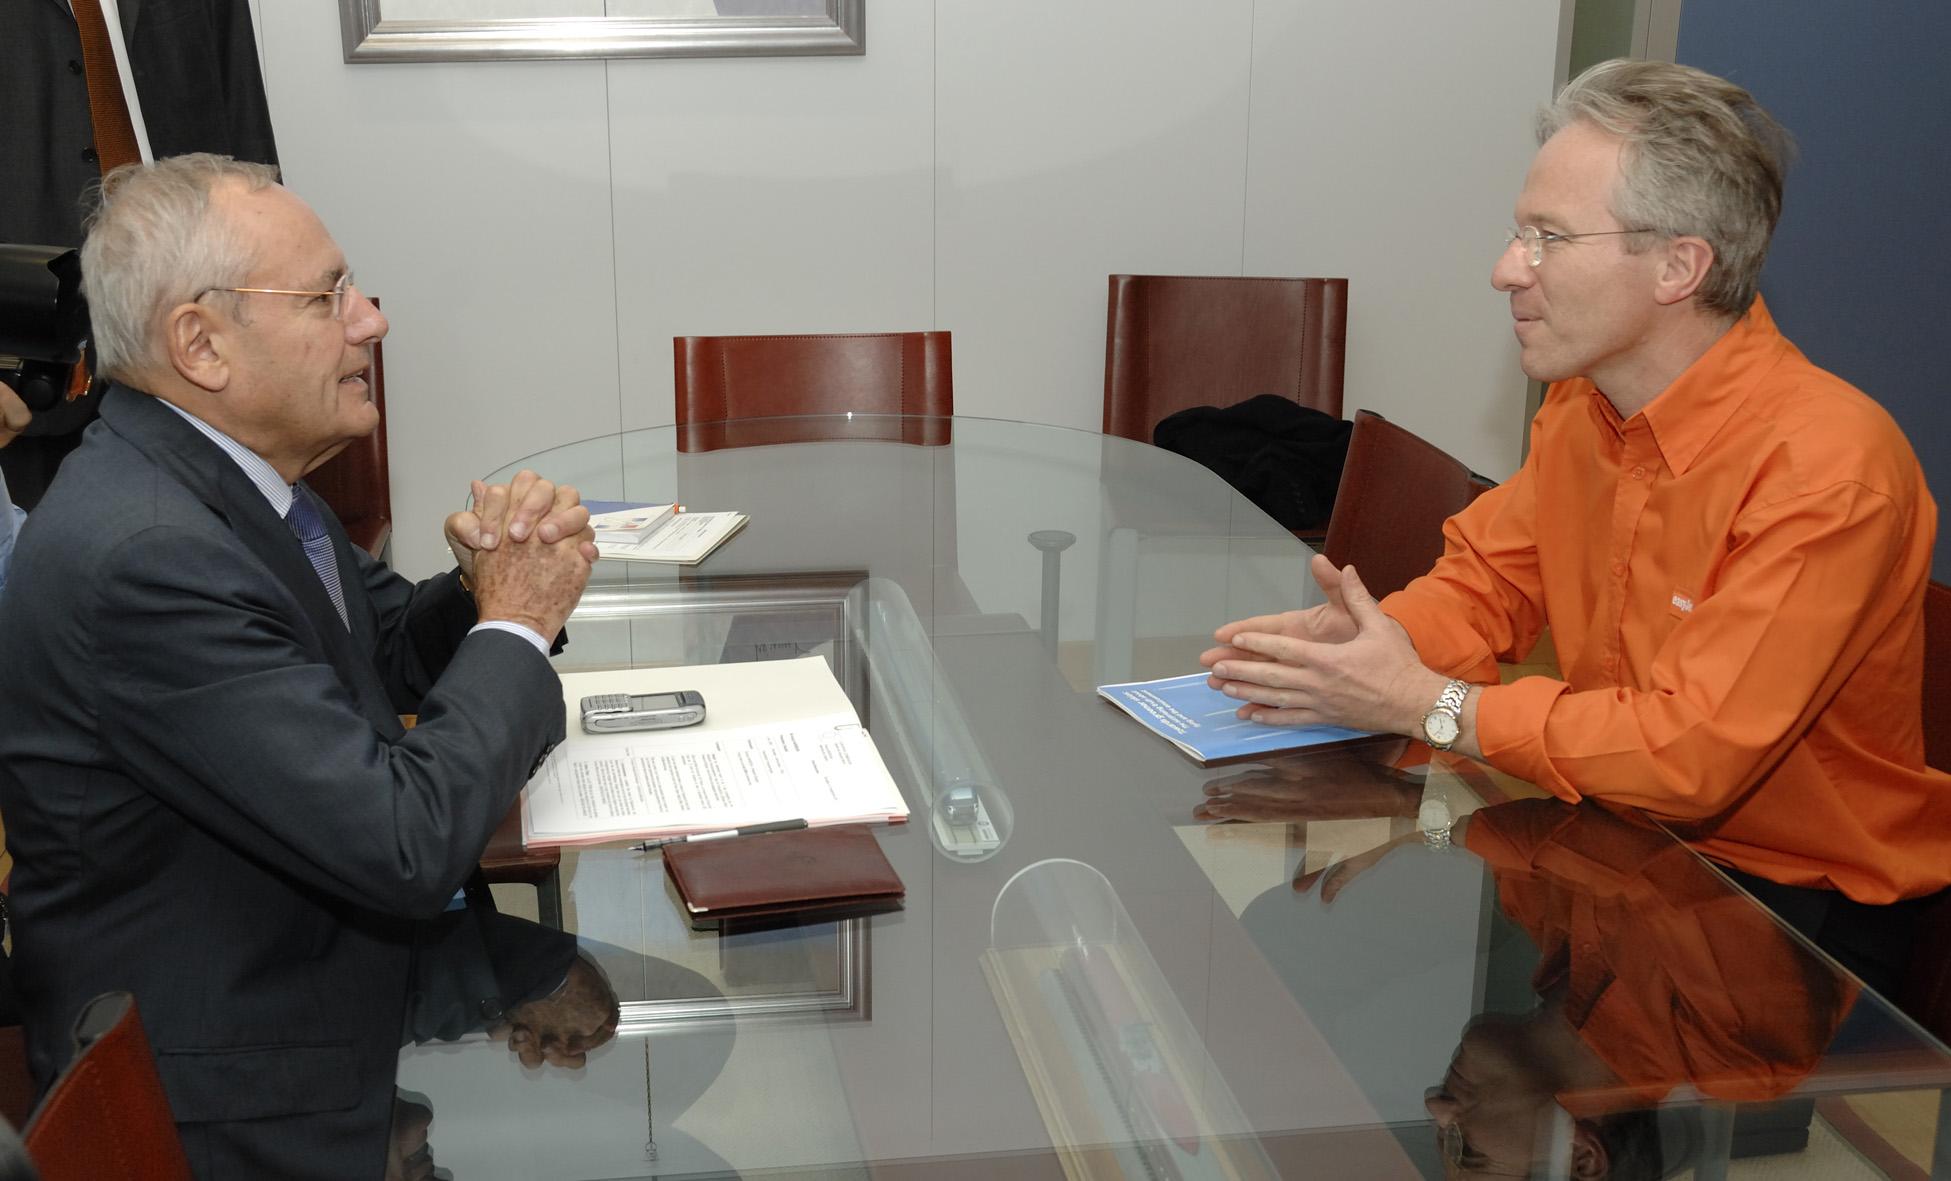 Visite de Andrew Harrison, directeur général d'EasyJet à la CE